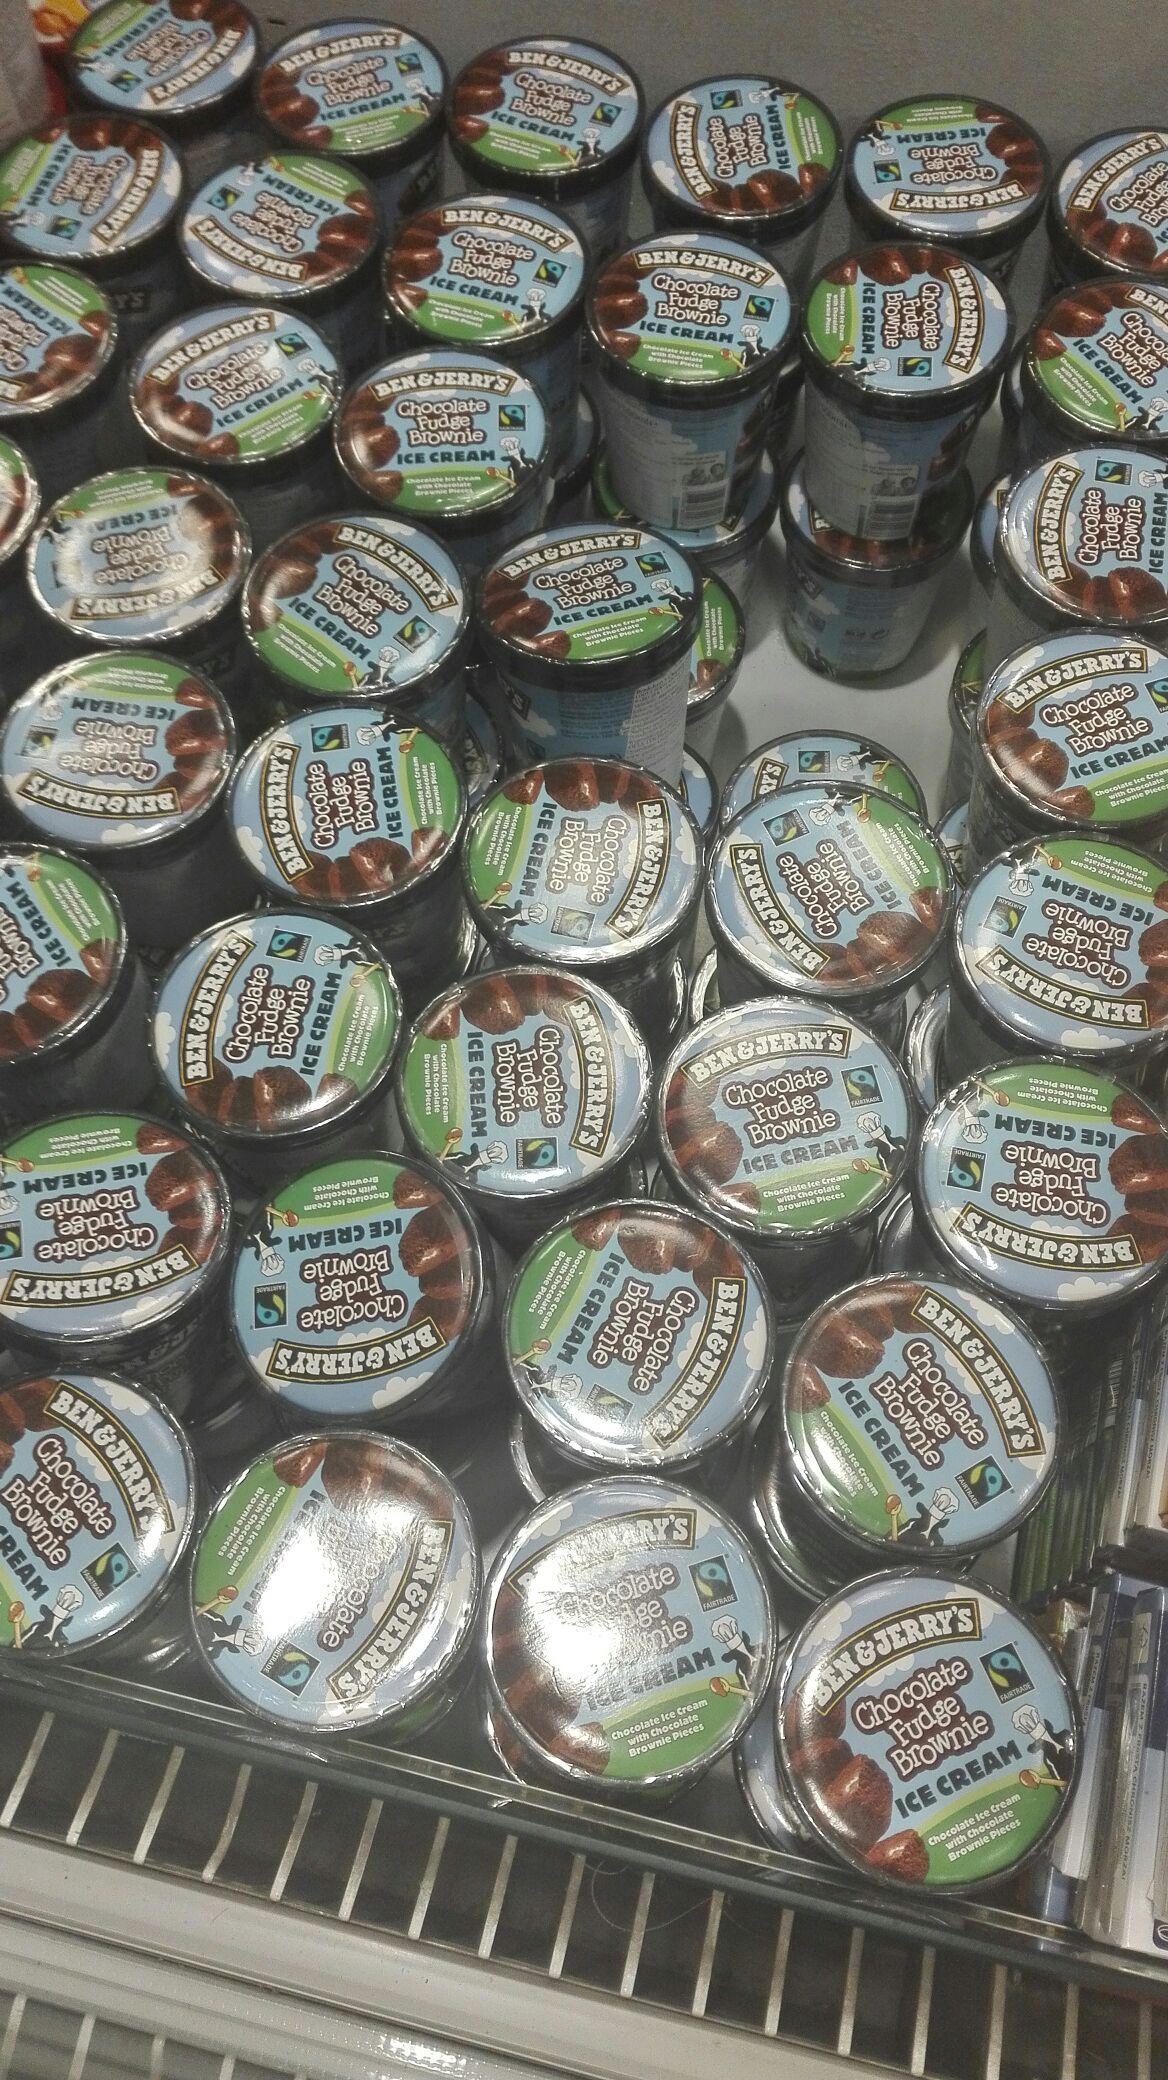 Lody Ben&Jerry's 500ml za 7.99zl. Warszawa